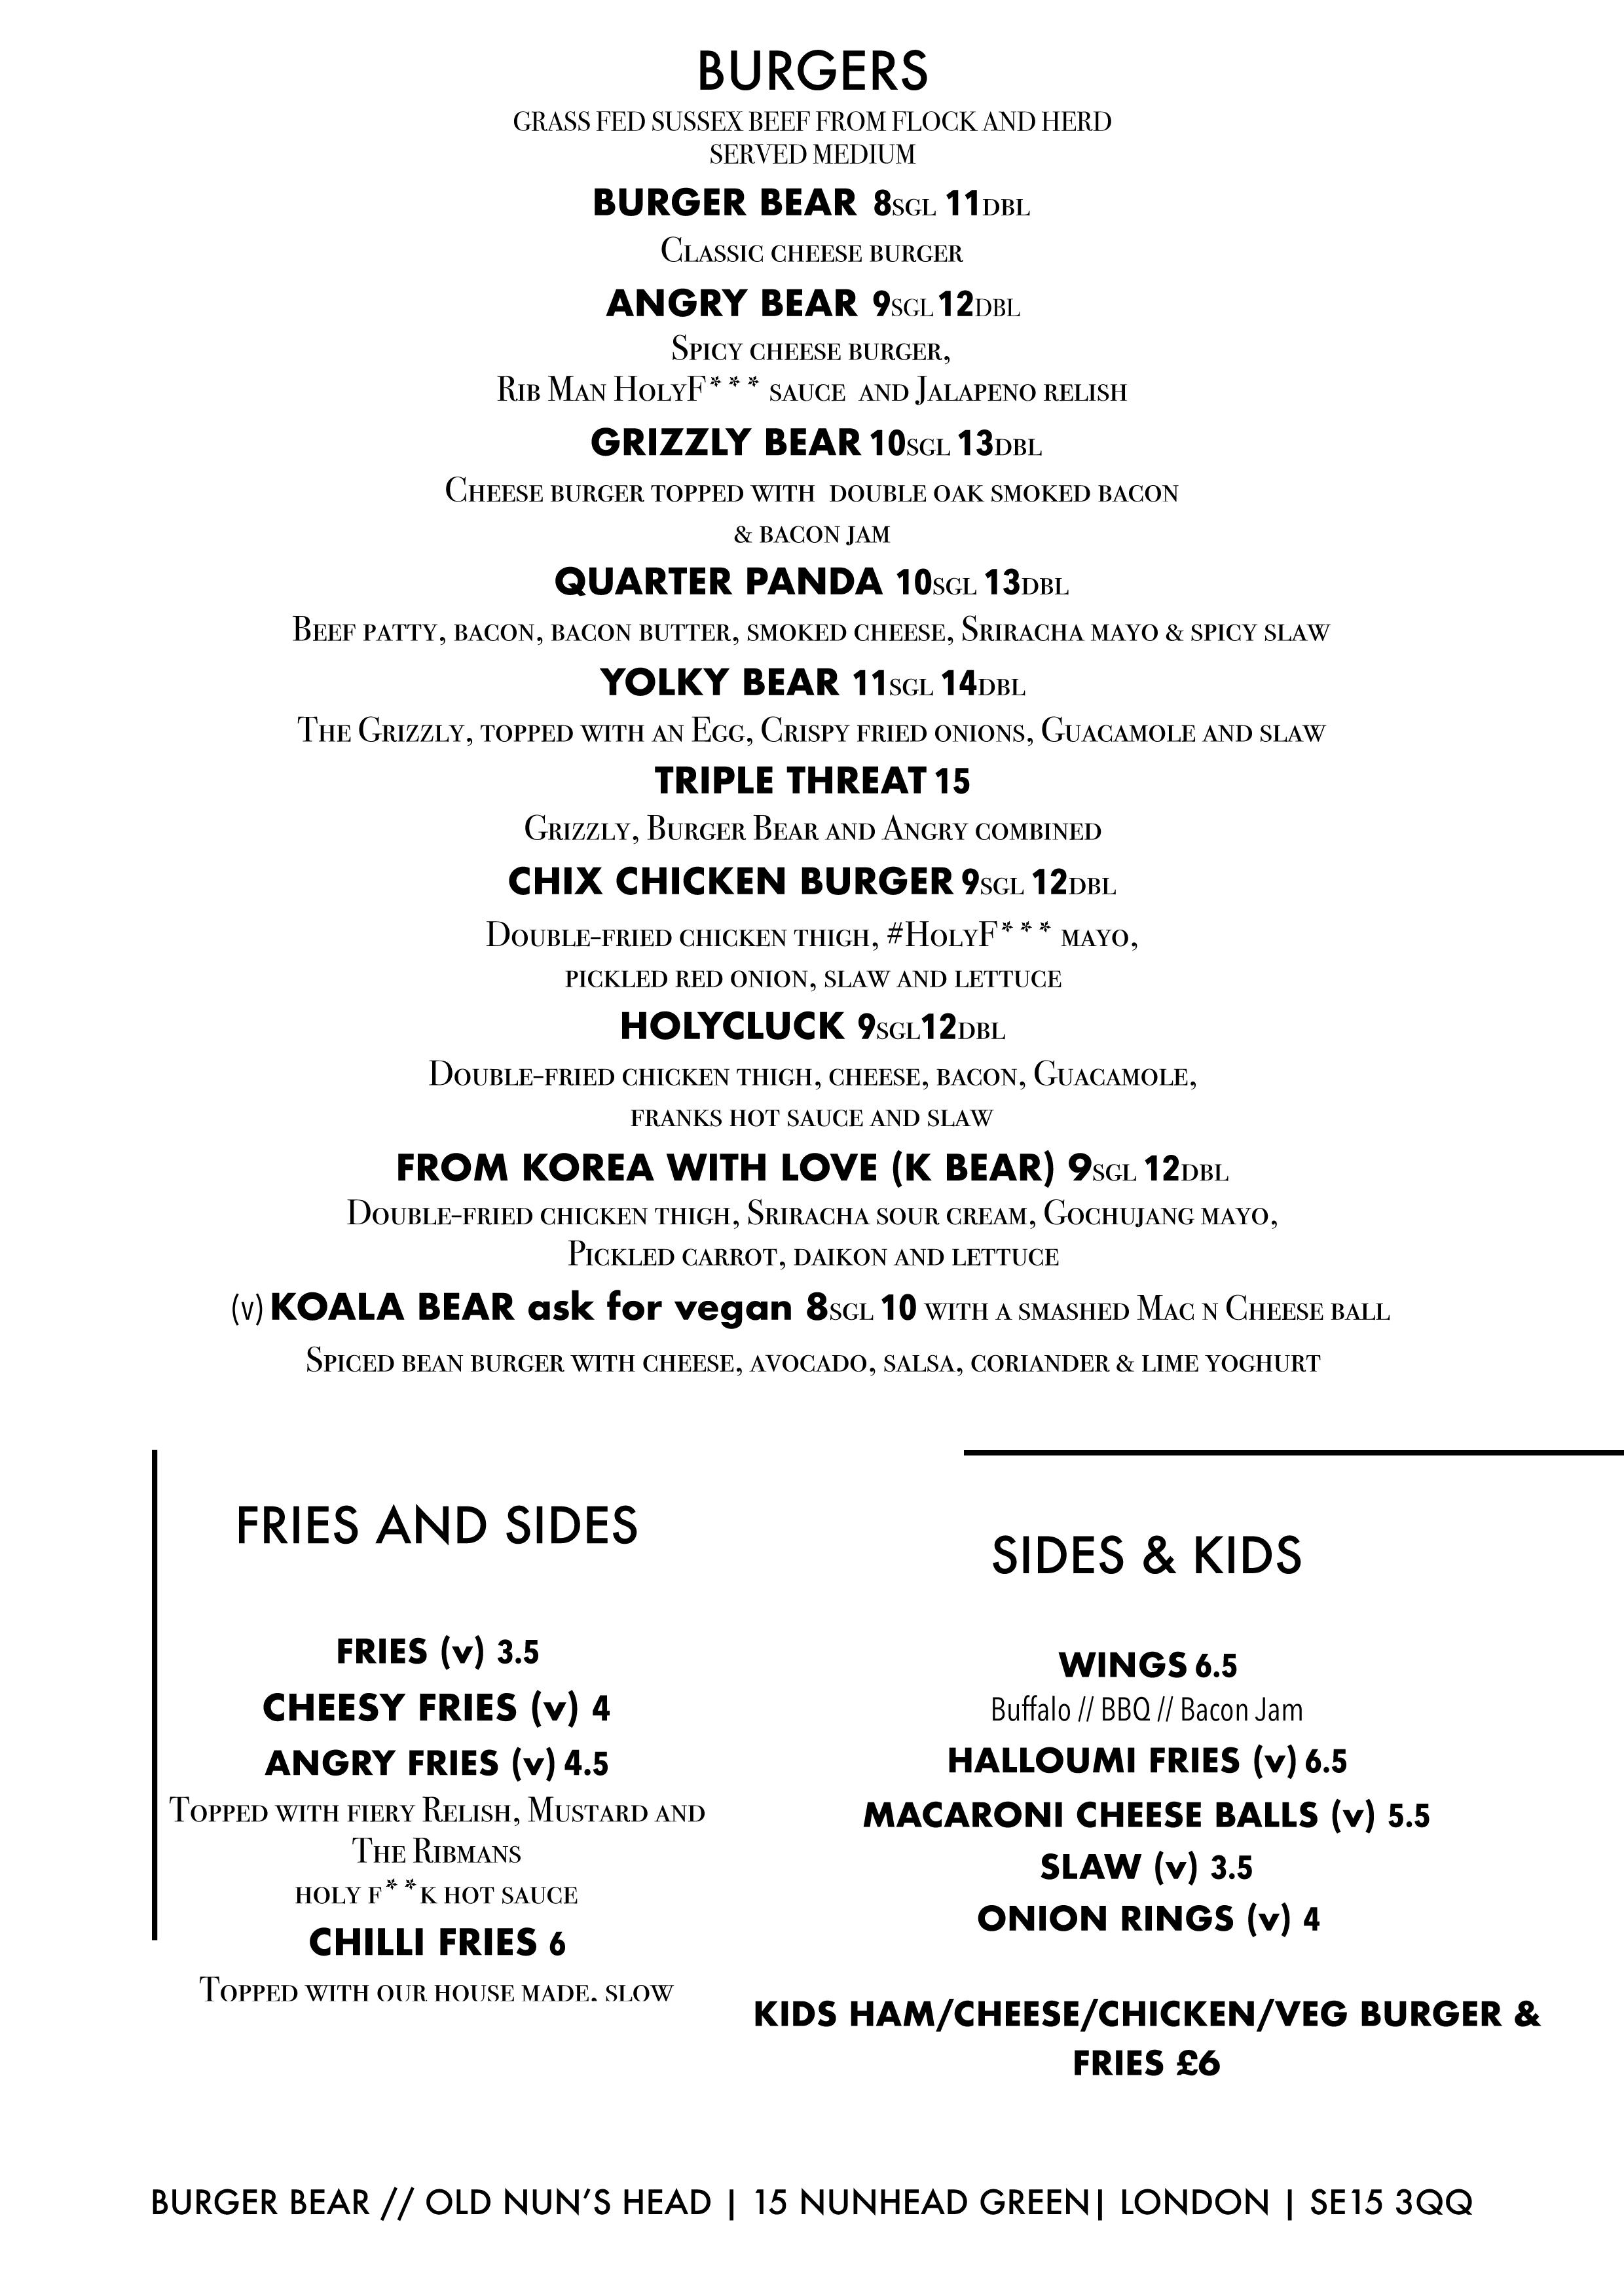 nuns menu.jpg